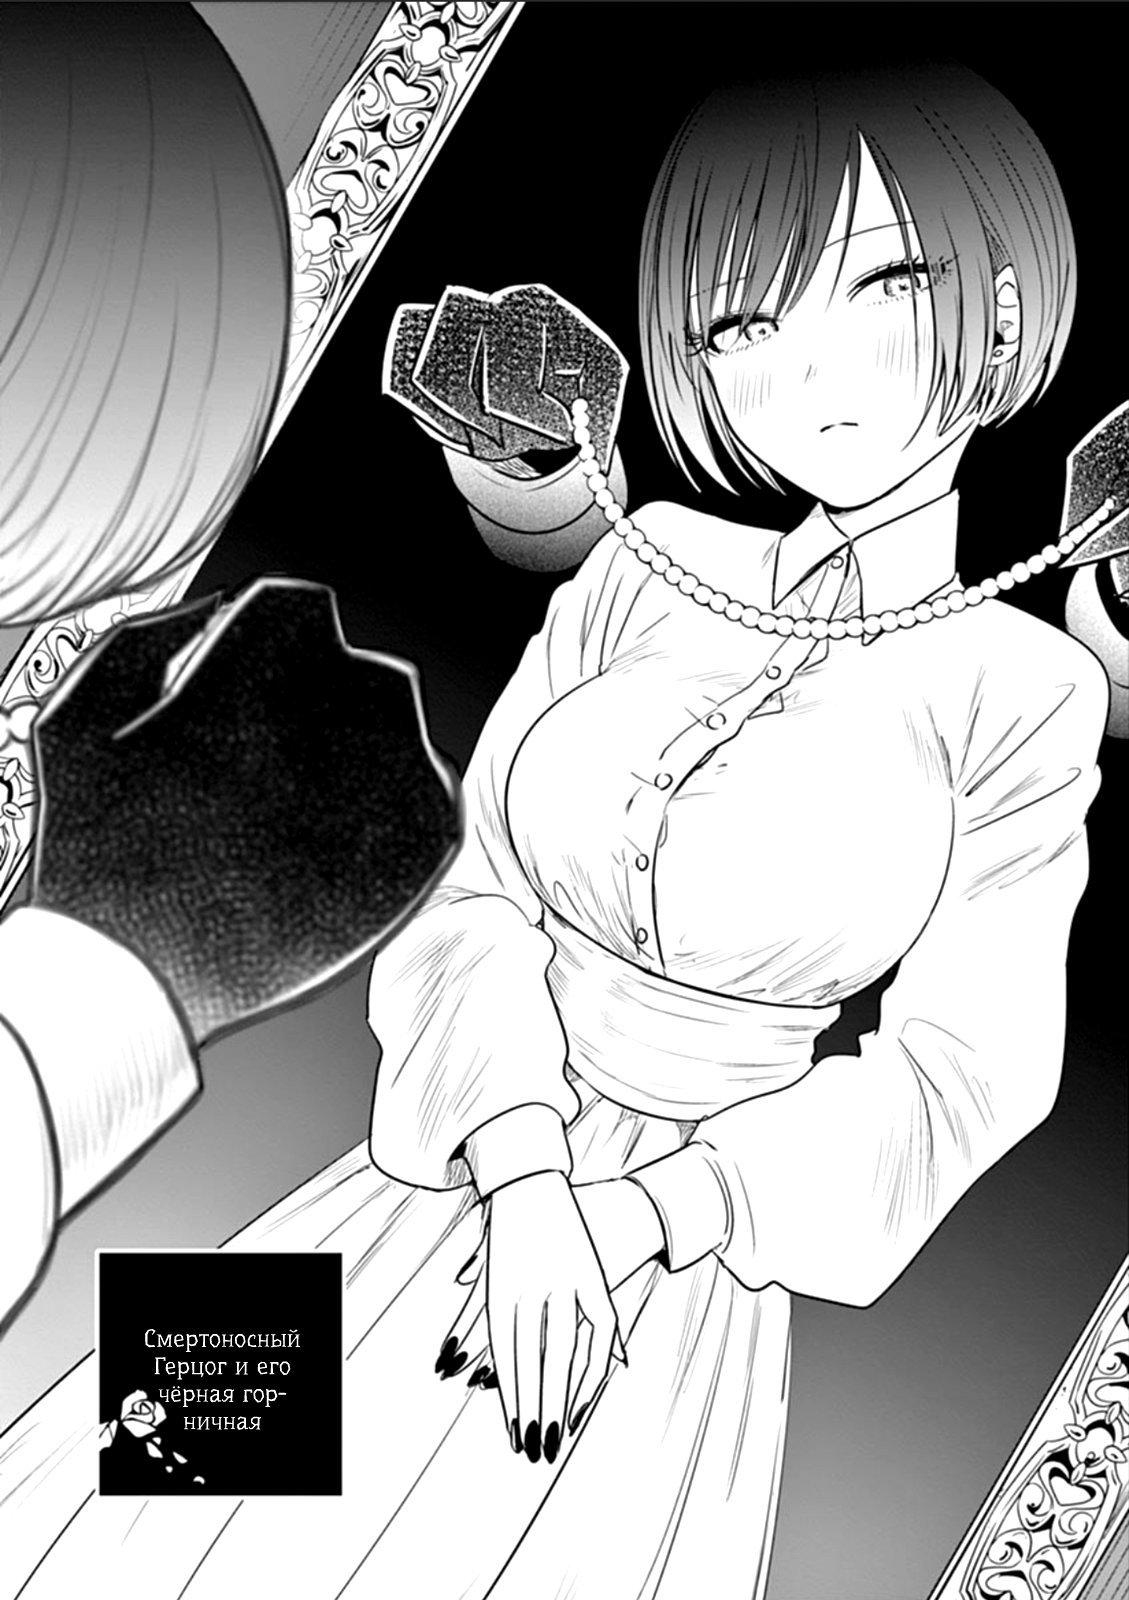 Манга Смертоносный герцог и его черная горничная - Глава 58 Страница 1